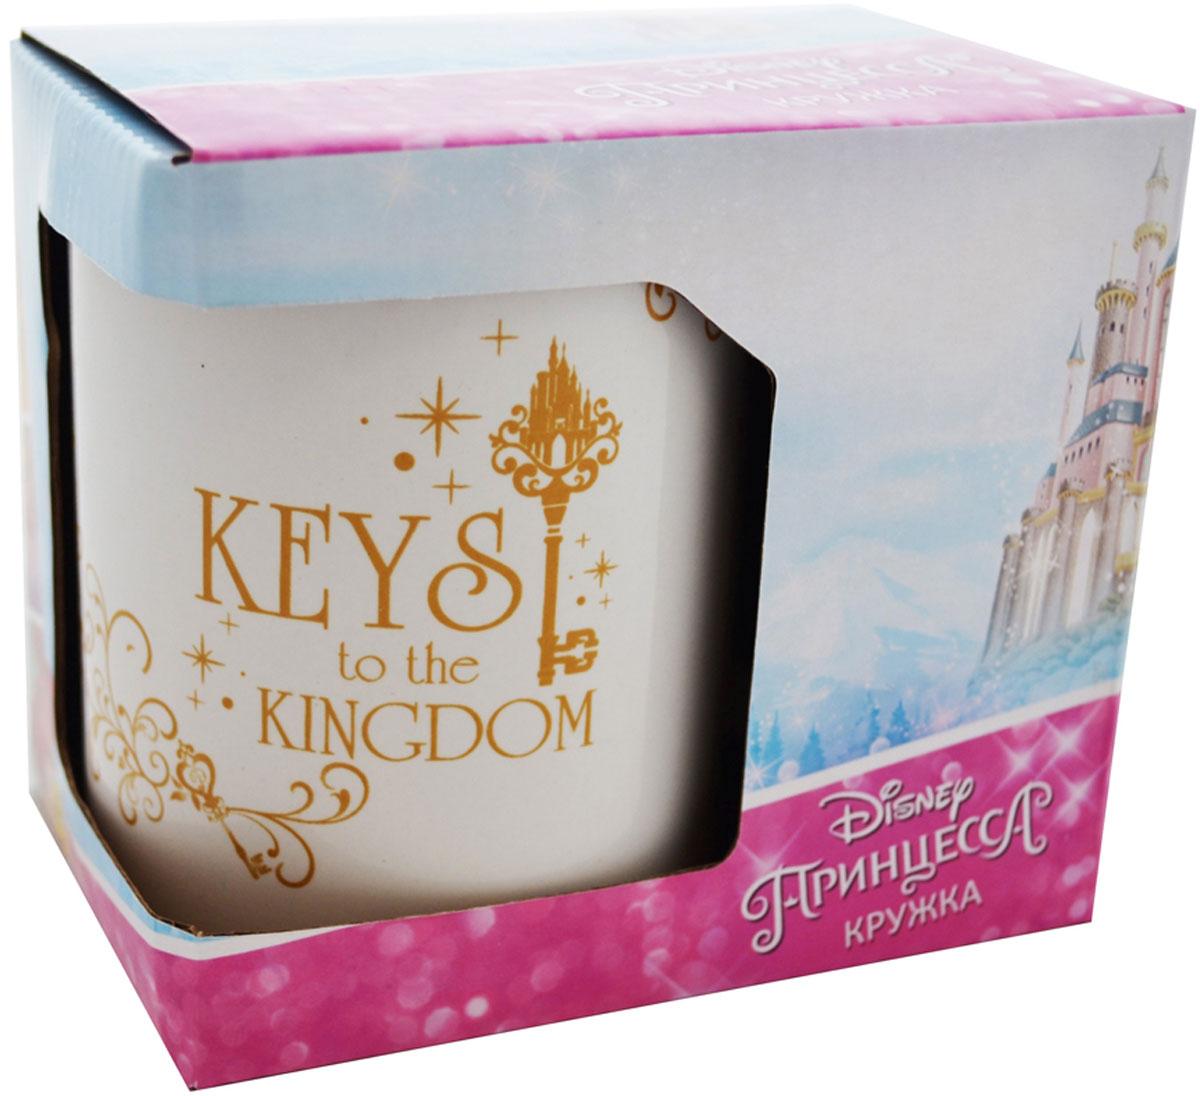 """Детская кружка Disney """"Принцесса Ключи от королевства"""" станет отличным подарком для вашего ребенка. Такой подарок станет не только приятным, но и практичным сувениром: кружка будет незаменимым атрибутом чаепития, а оригинальное оформление кружки добавит ярких эмоций и хорошего настроения."""